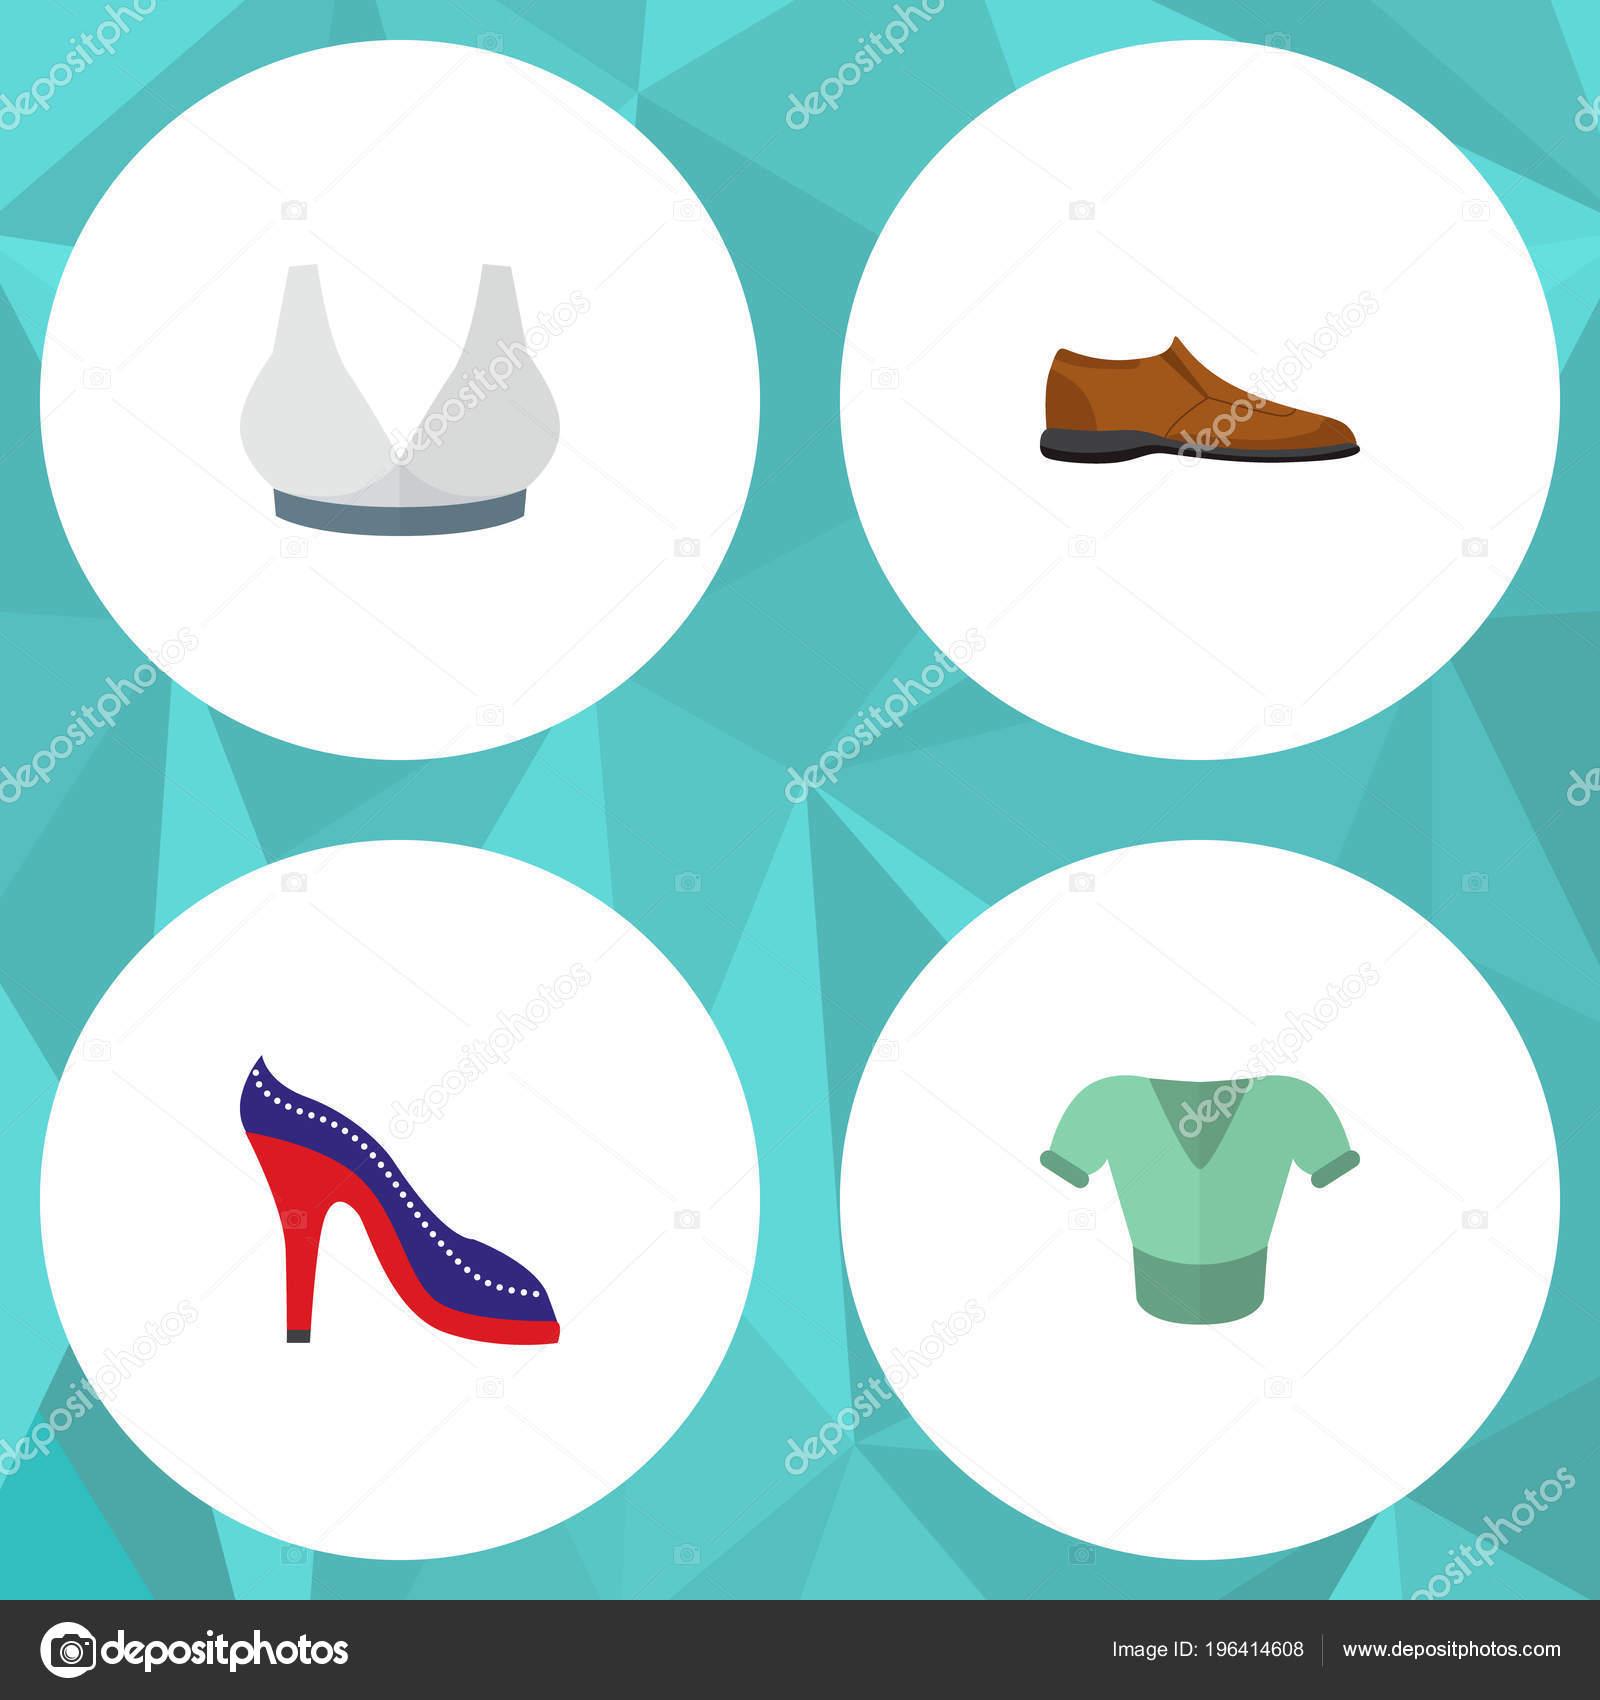 603de4f6c7 Ikona plochý oblečení sada člověk boty